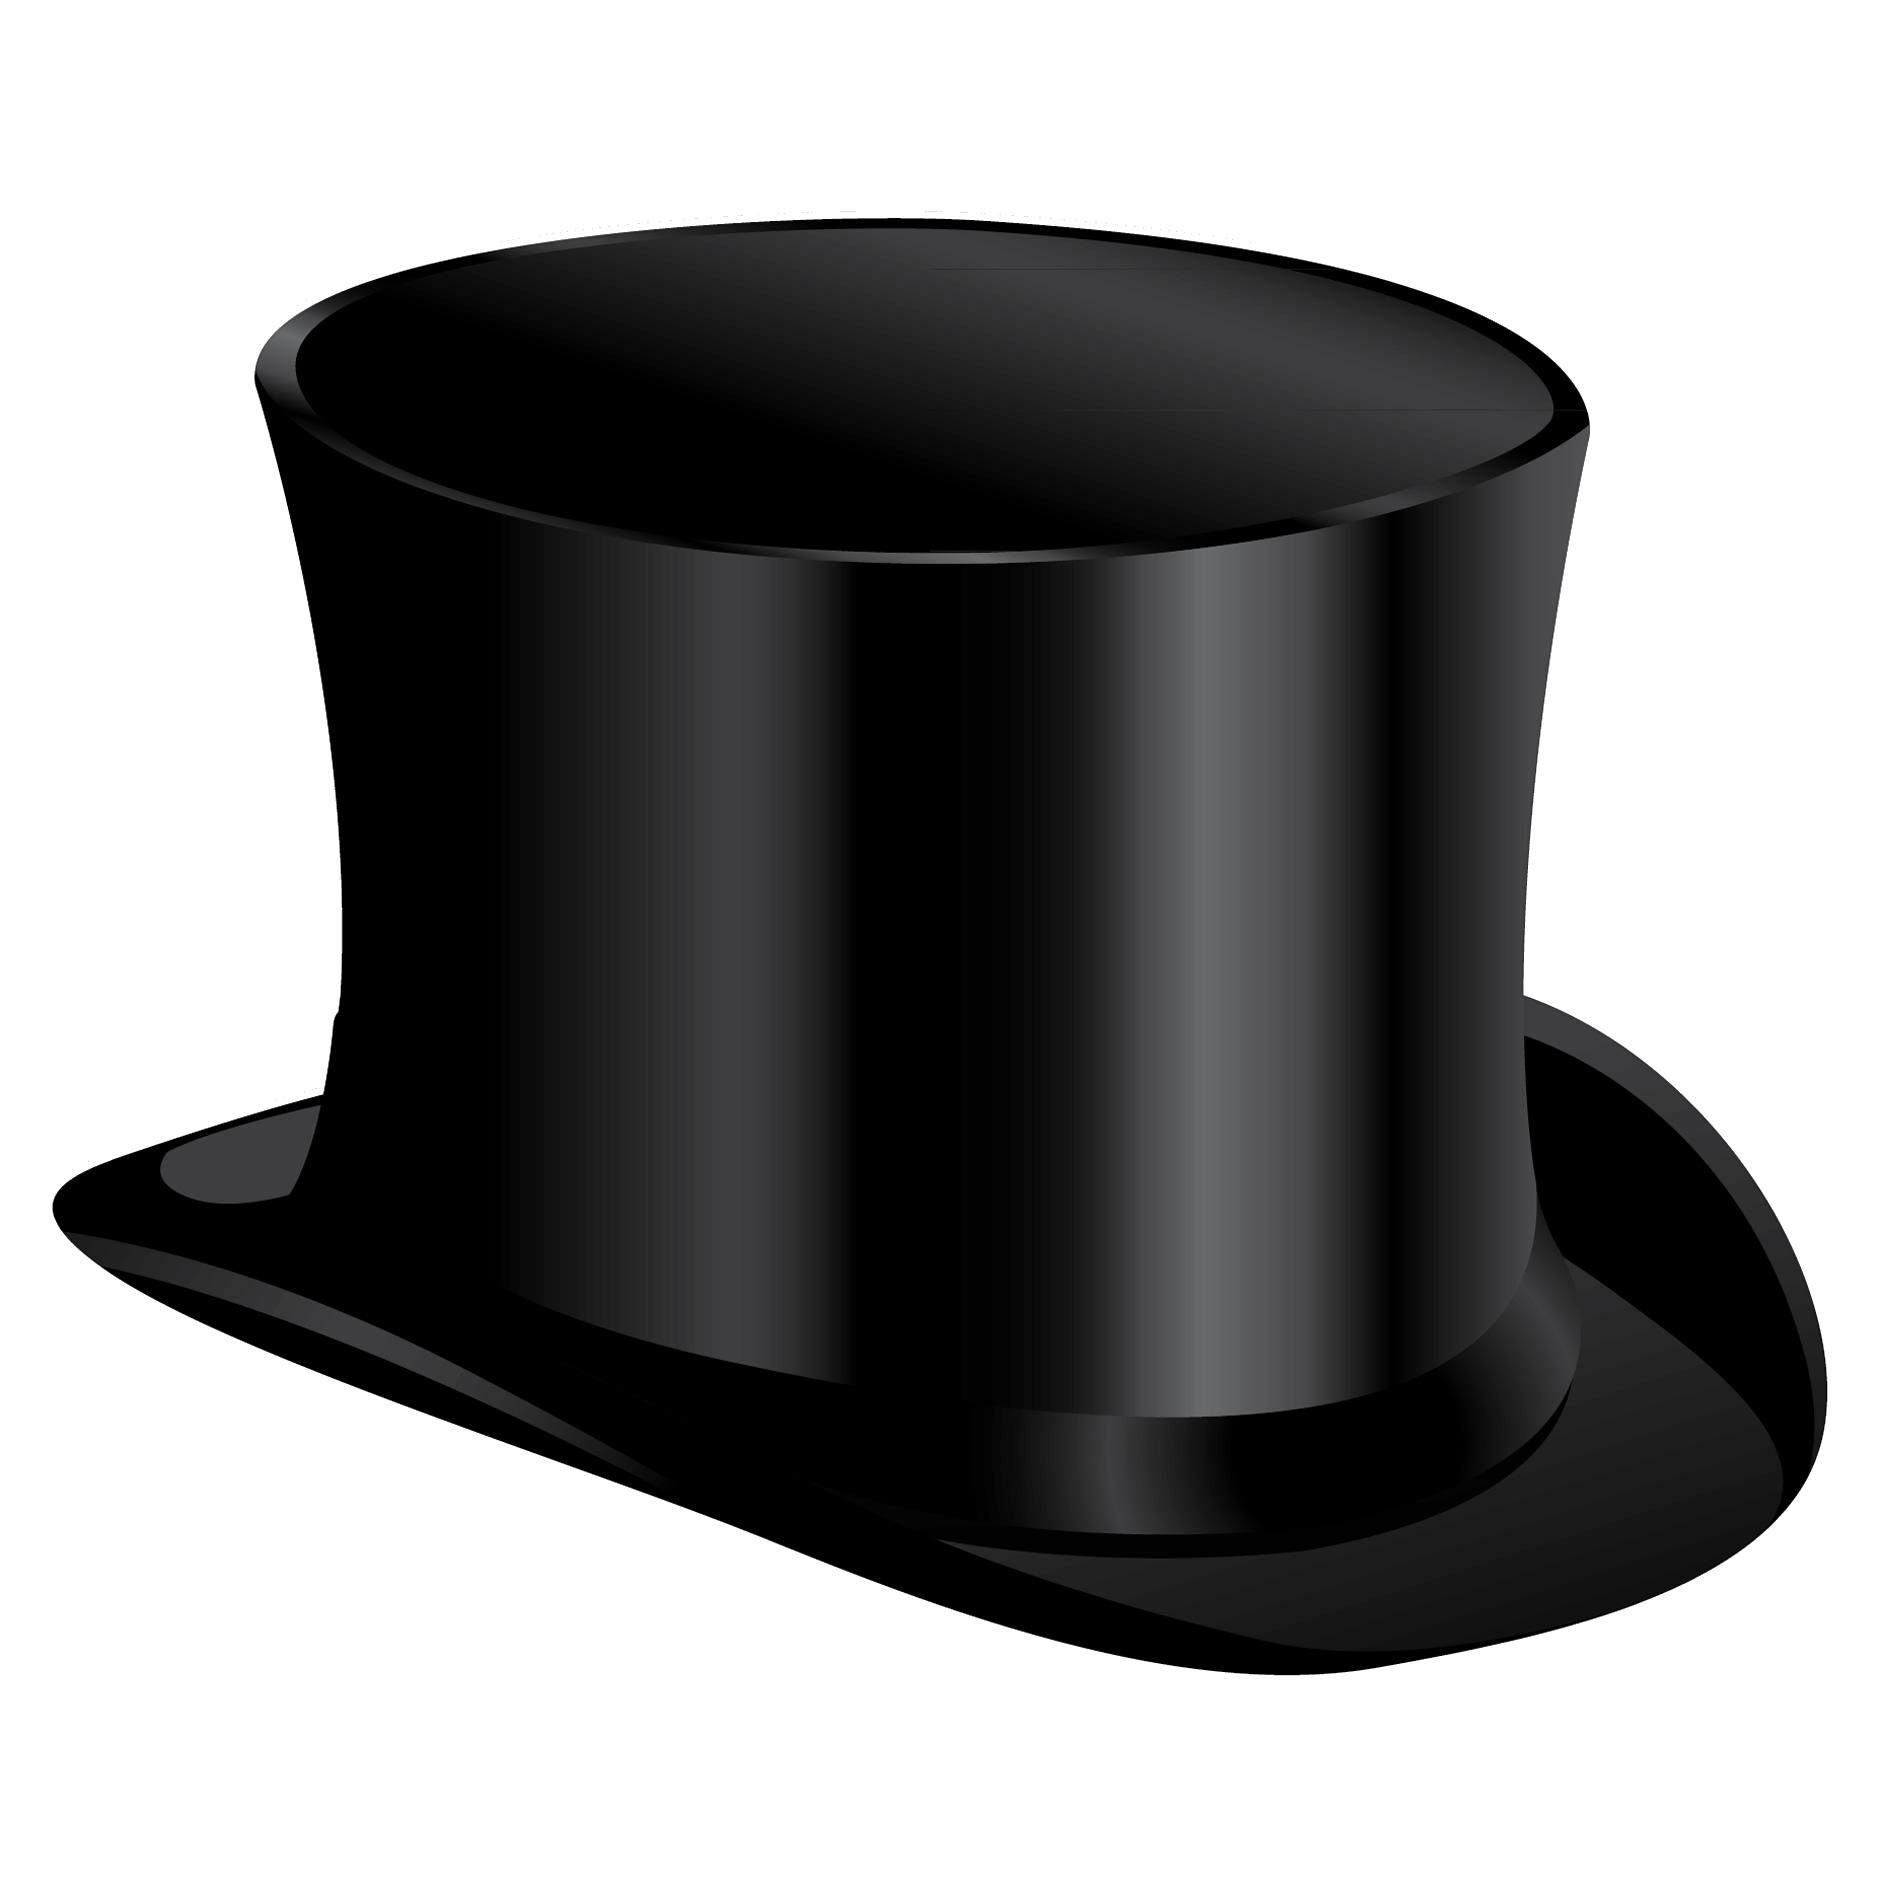 Black Cylinder Hat PNG Image.